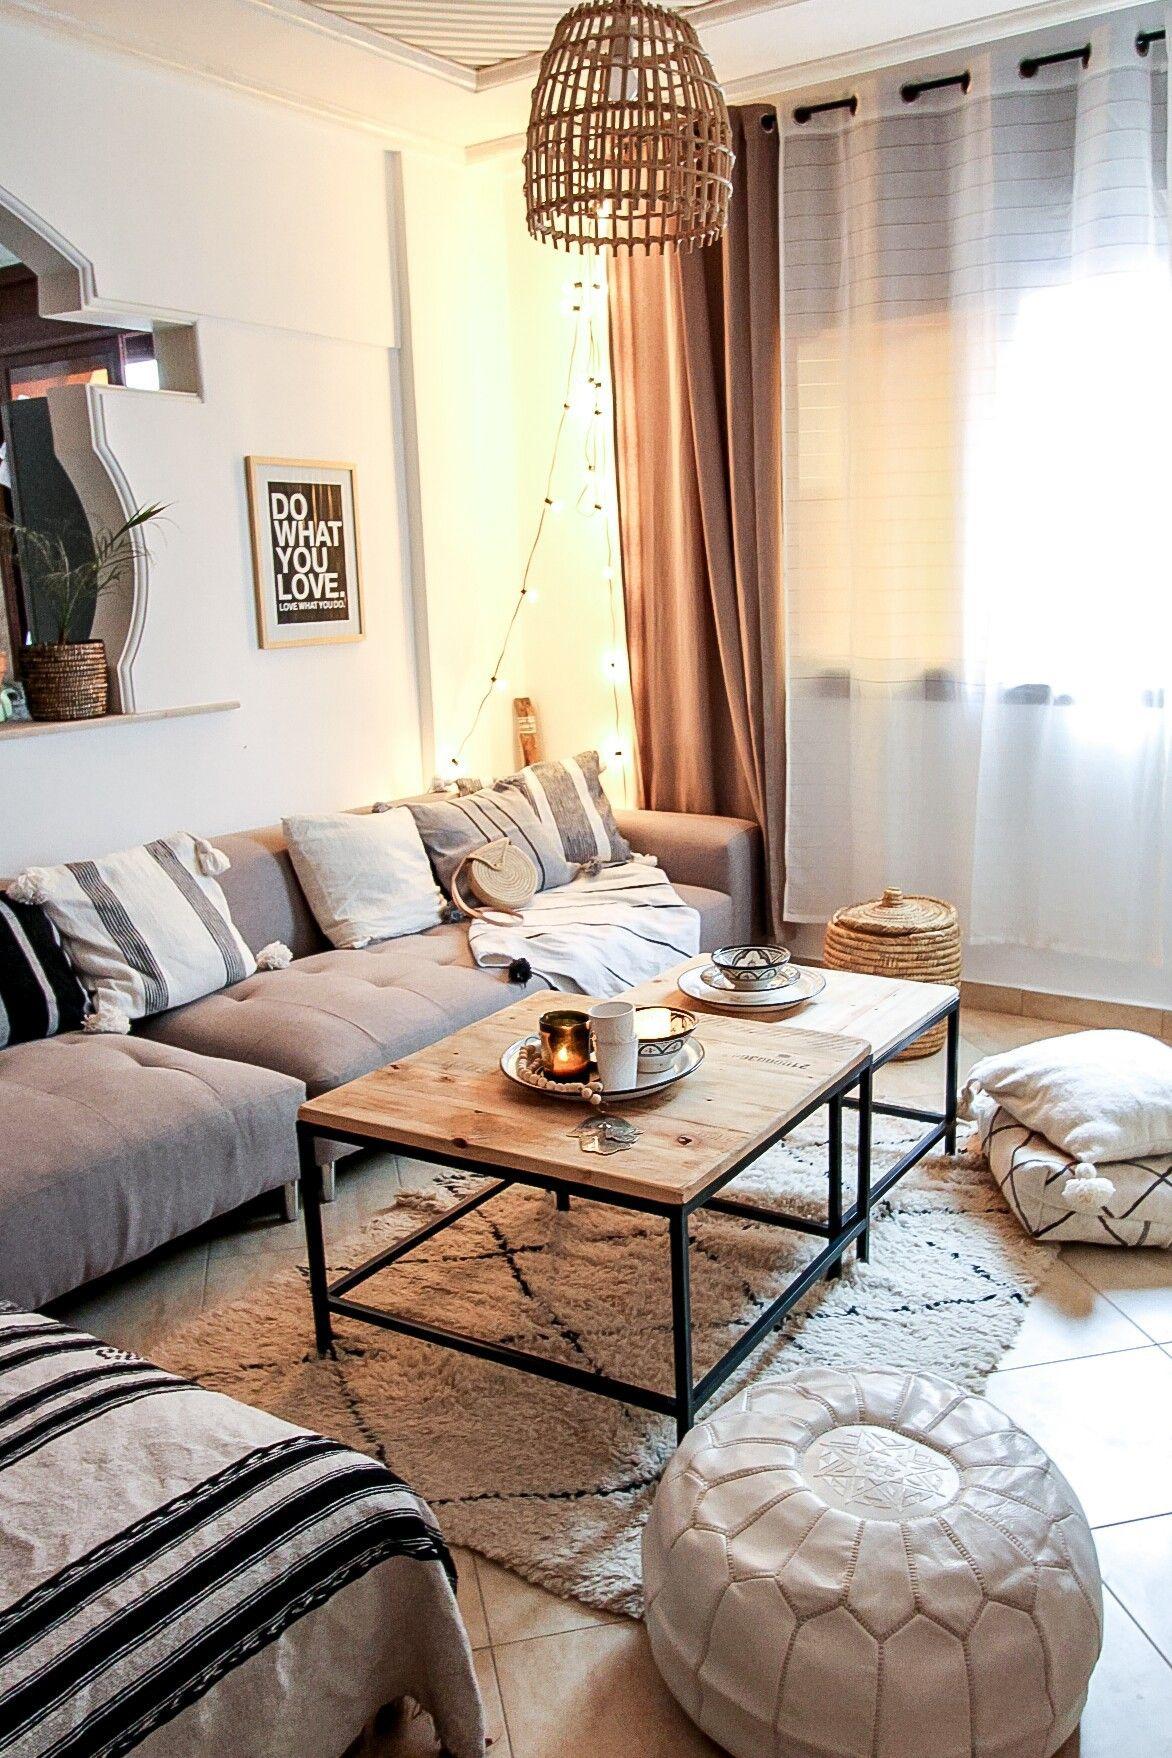 Boho Wohnzimmer mit handgemachter Deko aus Marokko  ...